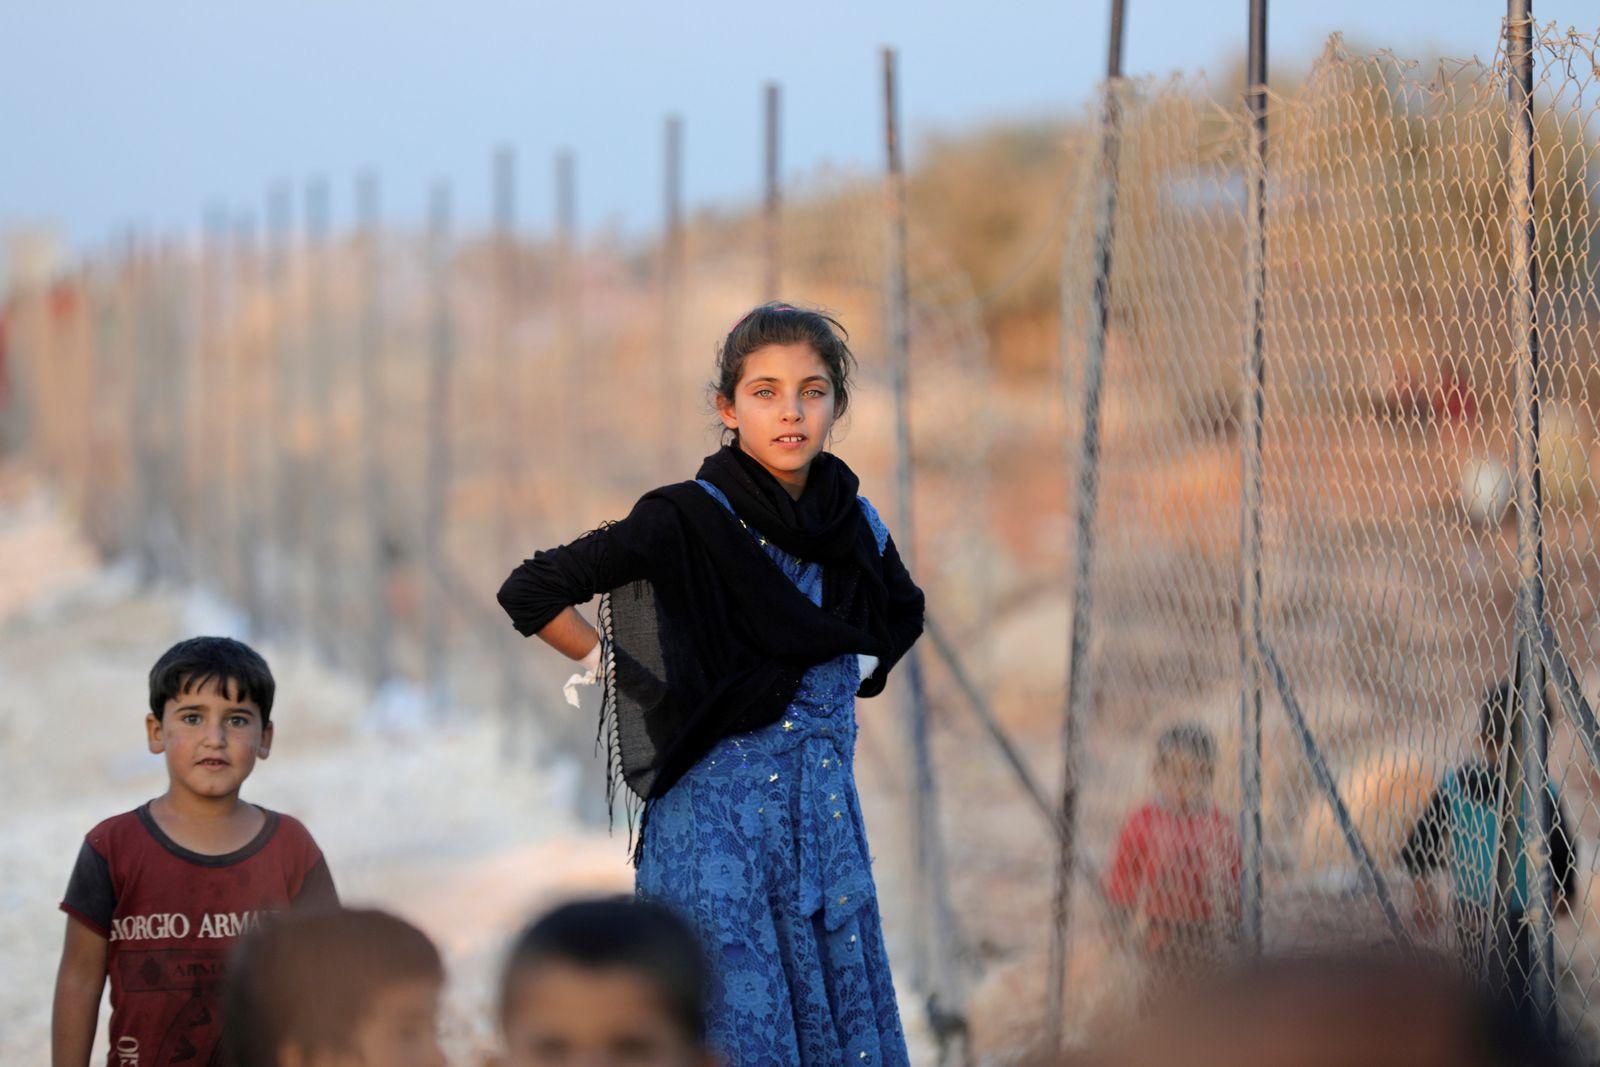 MIDEAST-CRISIS/SYRIA-IDLIB-DISPLACED